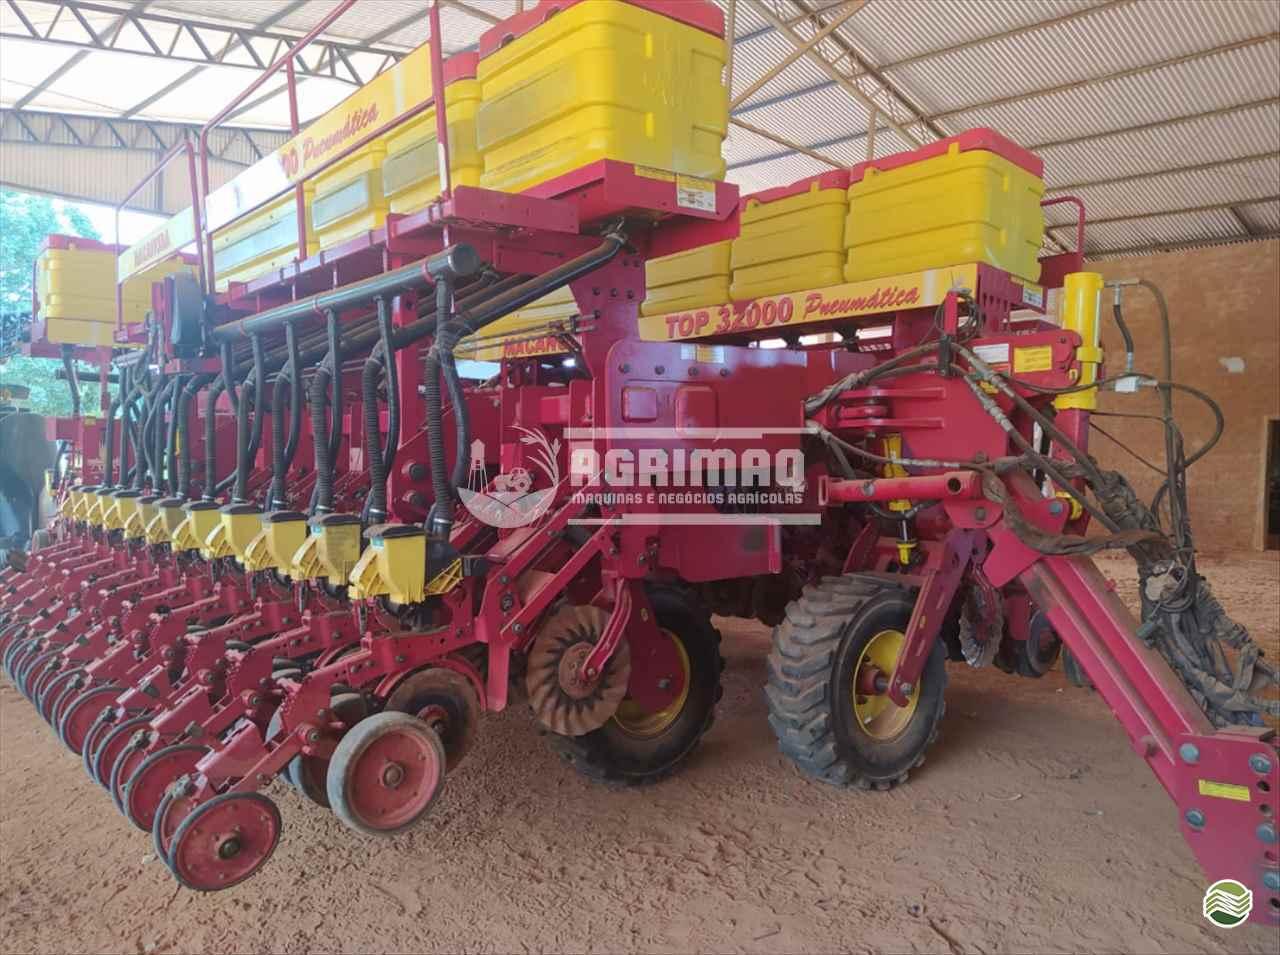 PLANTADEIRA VENCE TUDO MACANUDA TOP 32000 Agrimaq Máquinas e Implementos Agrícolas LUCAS DO RIO VERDE MATO GROSSO MT